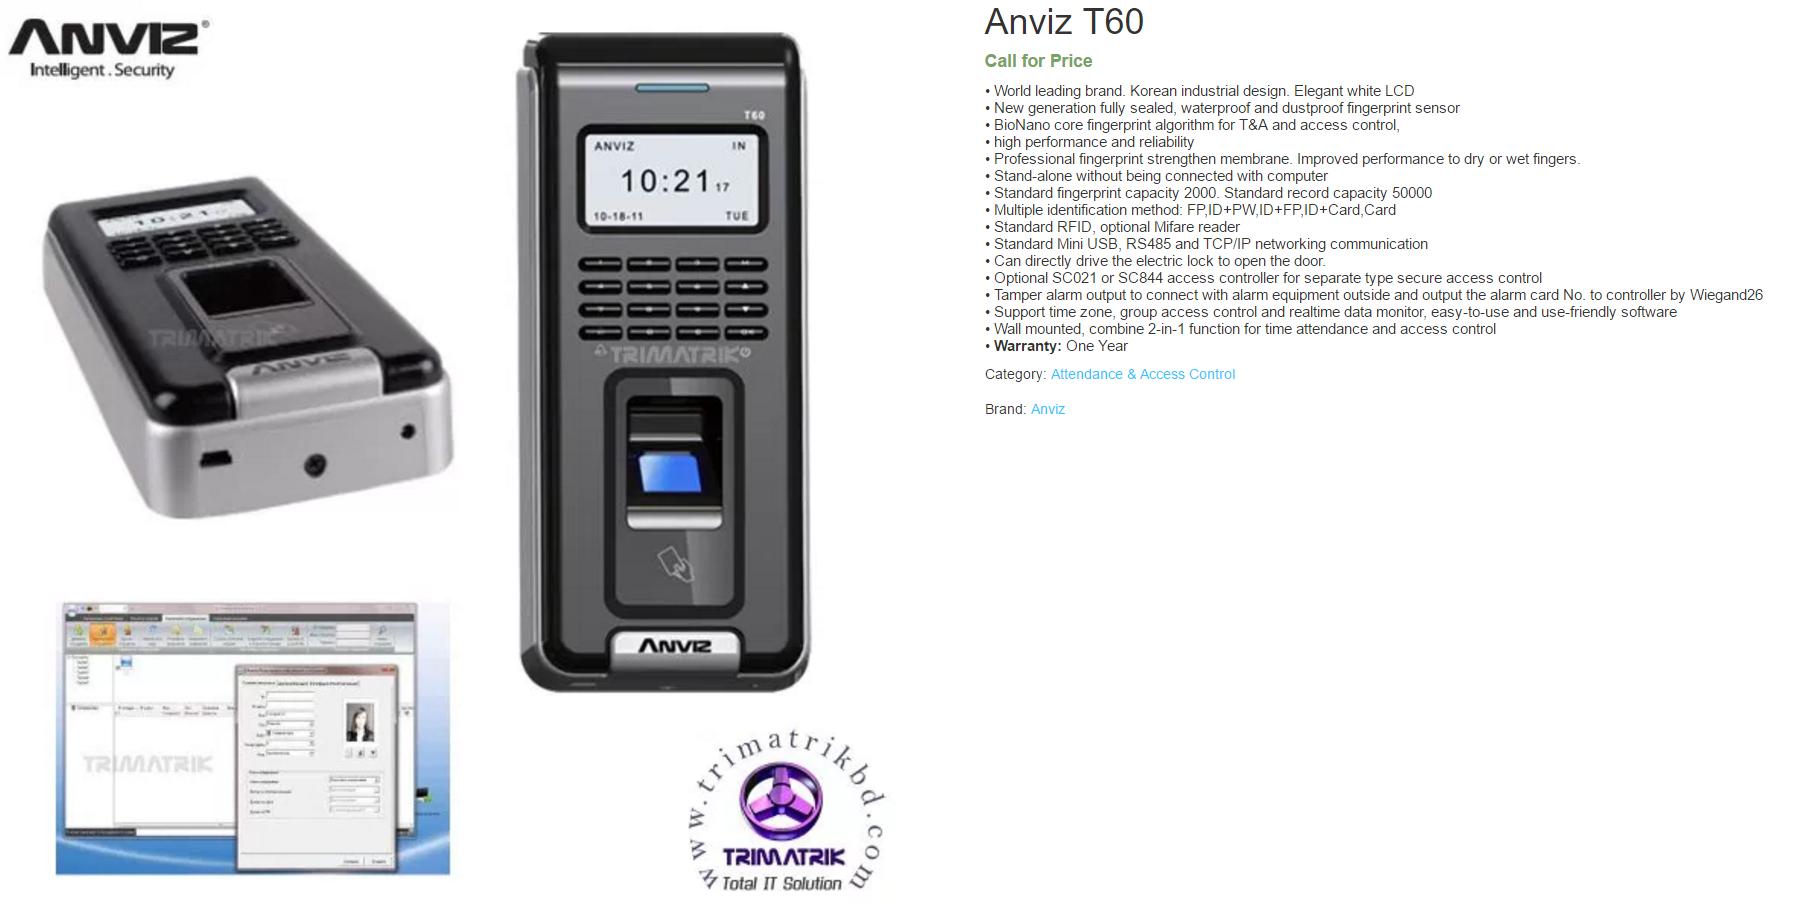 Anviz T60 Fingerprint Access Control Bangladesh